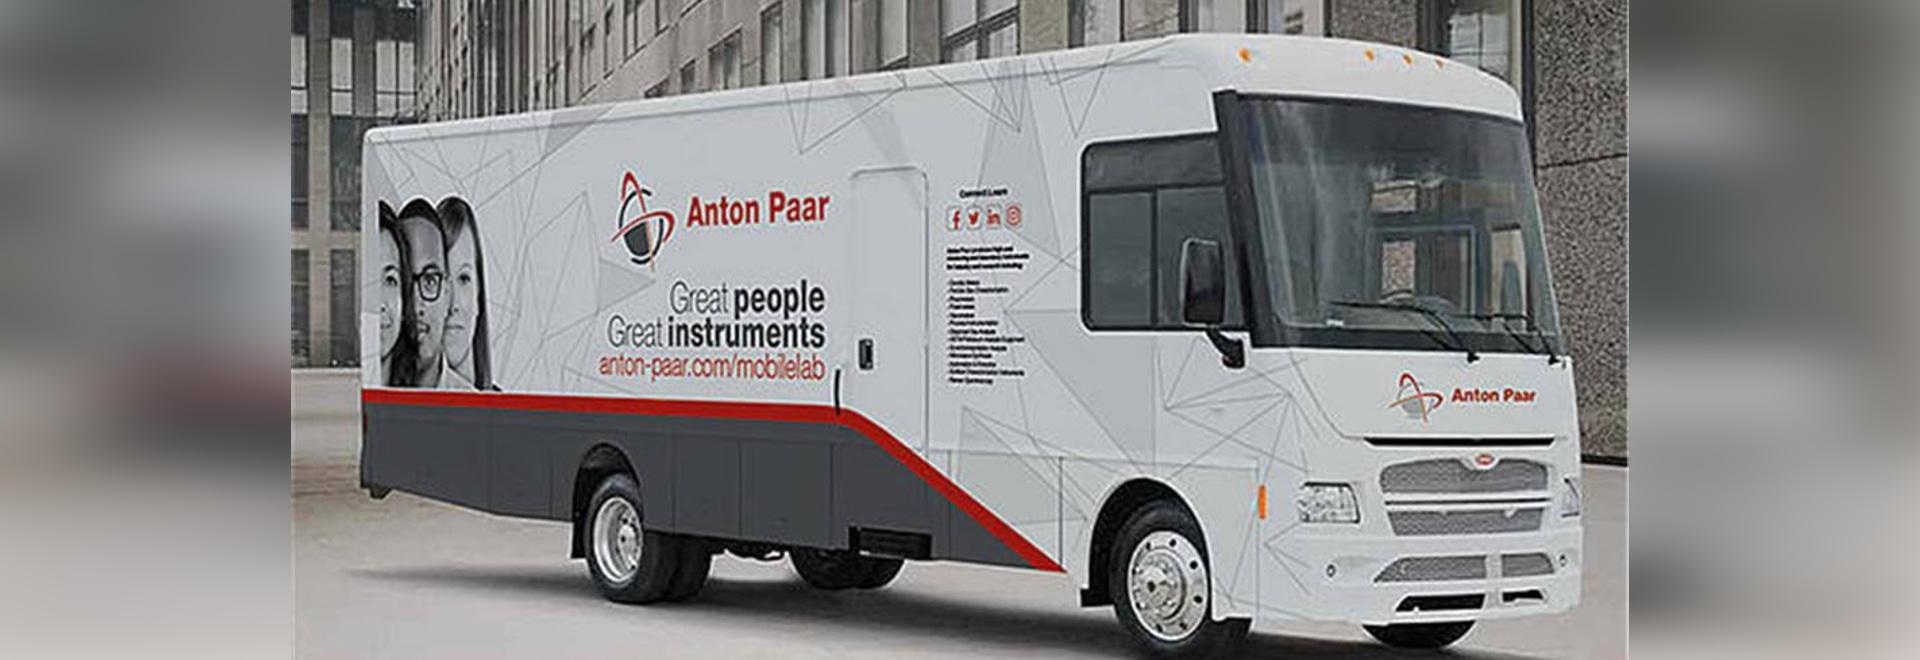 Soluciones de Anton Paar Mobile Lab Bringing a usted